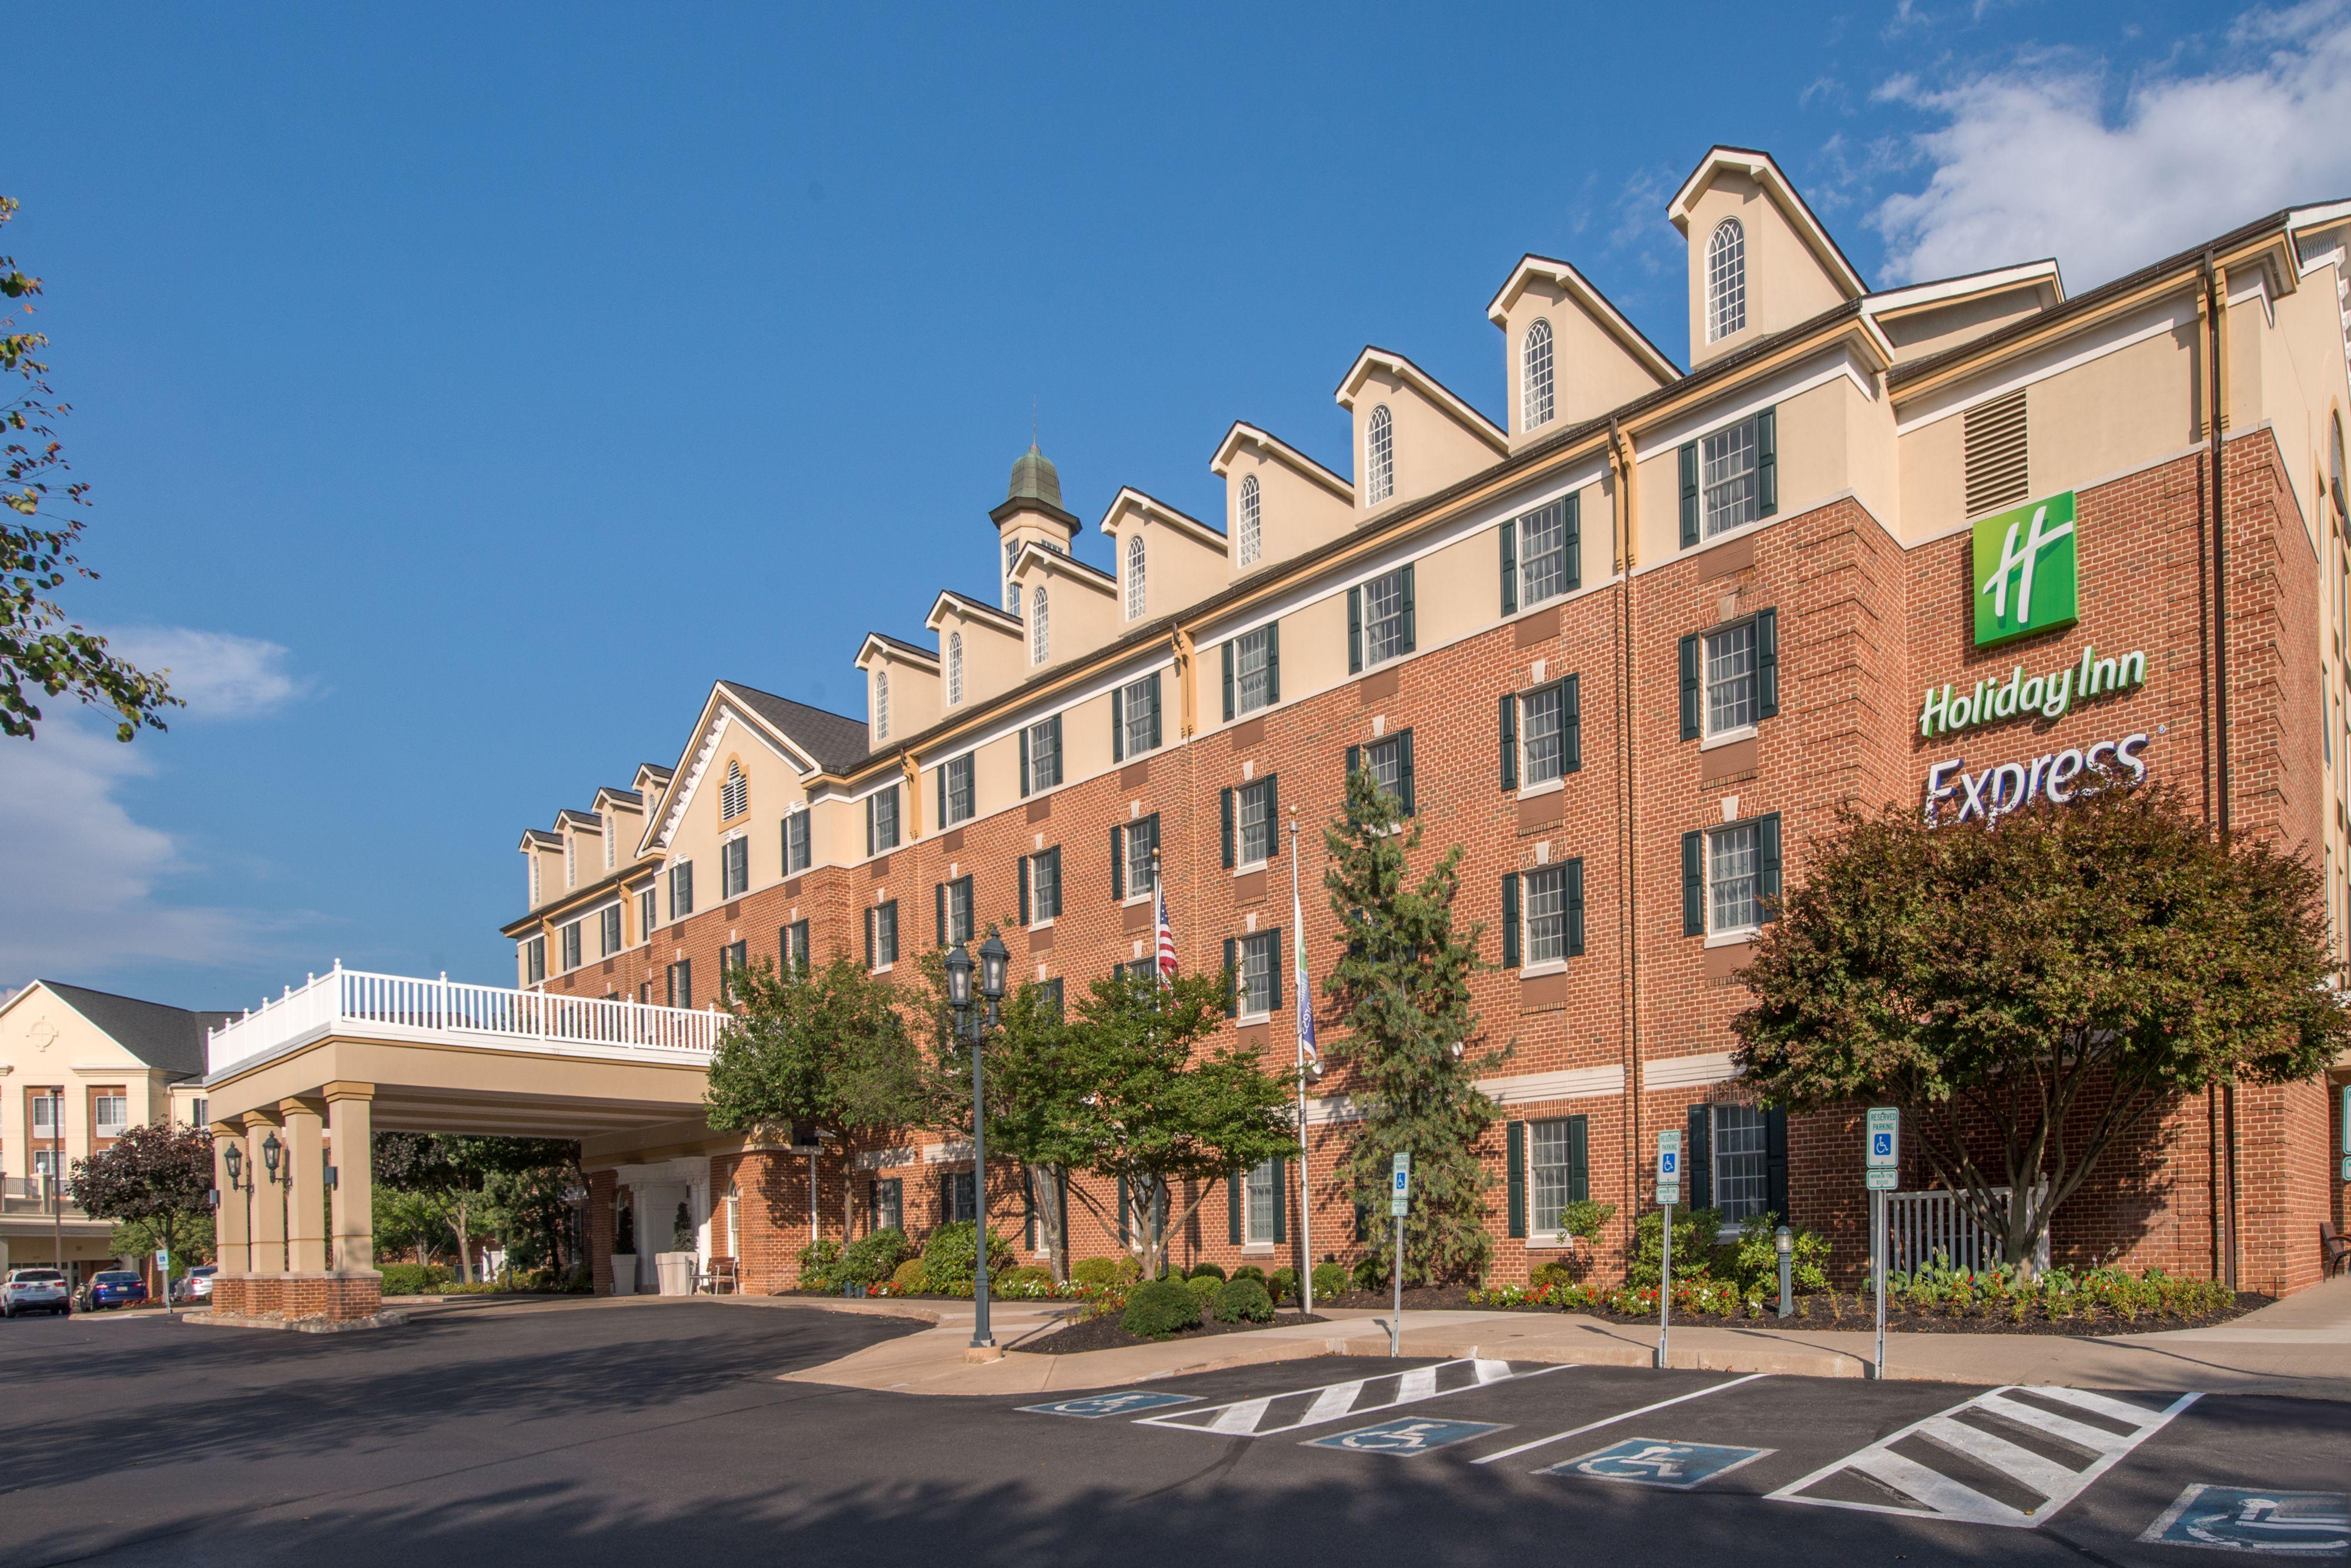 Holiday Inn Express Suites Starkville Starkville Mississippi Ms